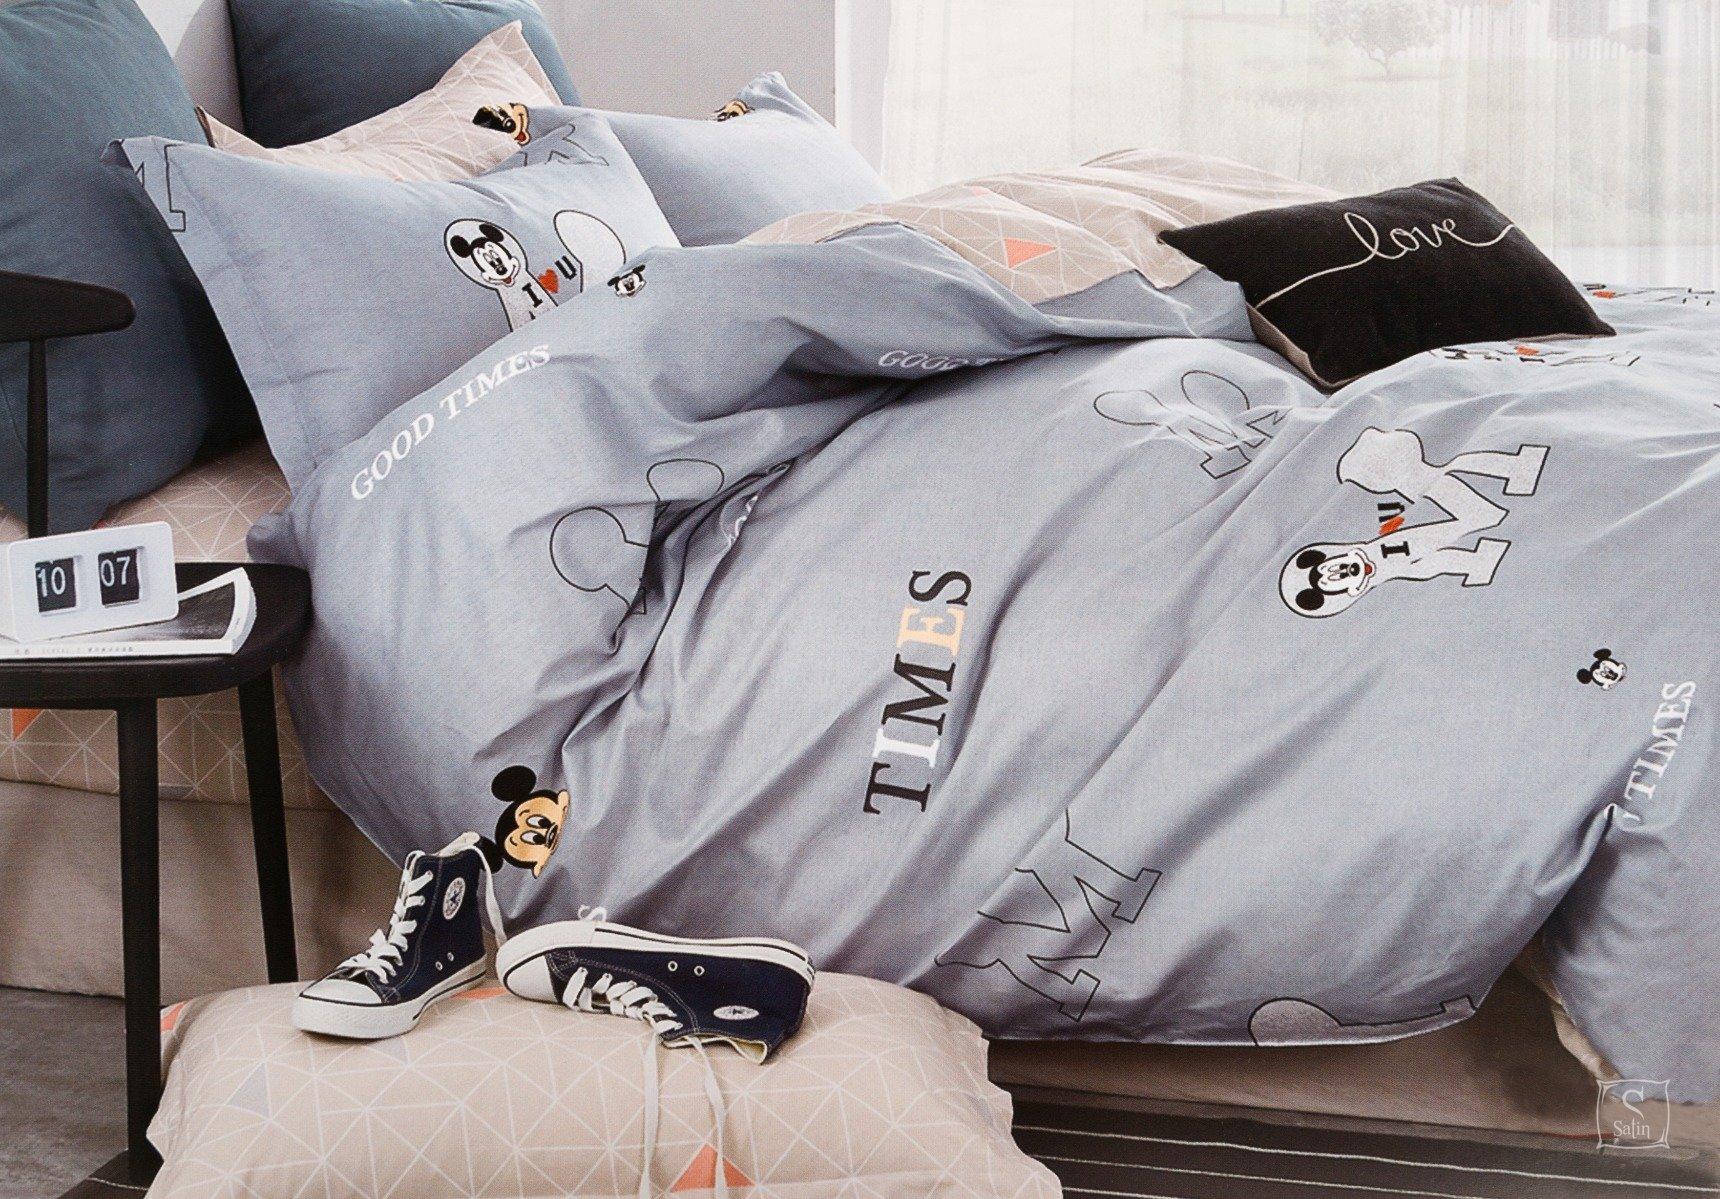 Купить Детское постельное белье Viluta. Сатин 233 — лучшая цена в ... f22f90c9da1f9